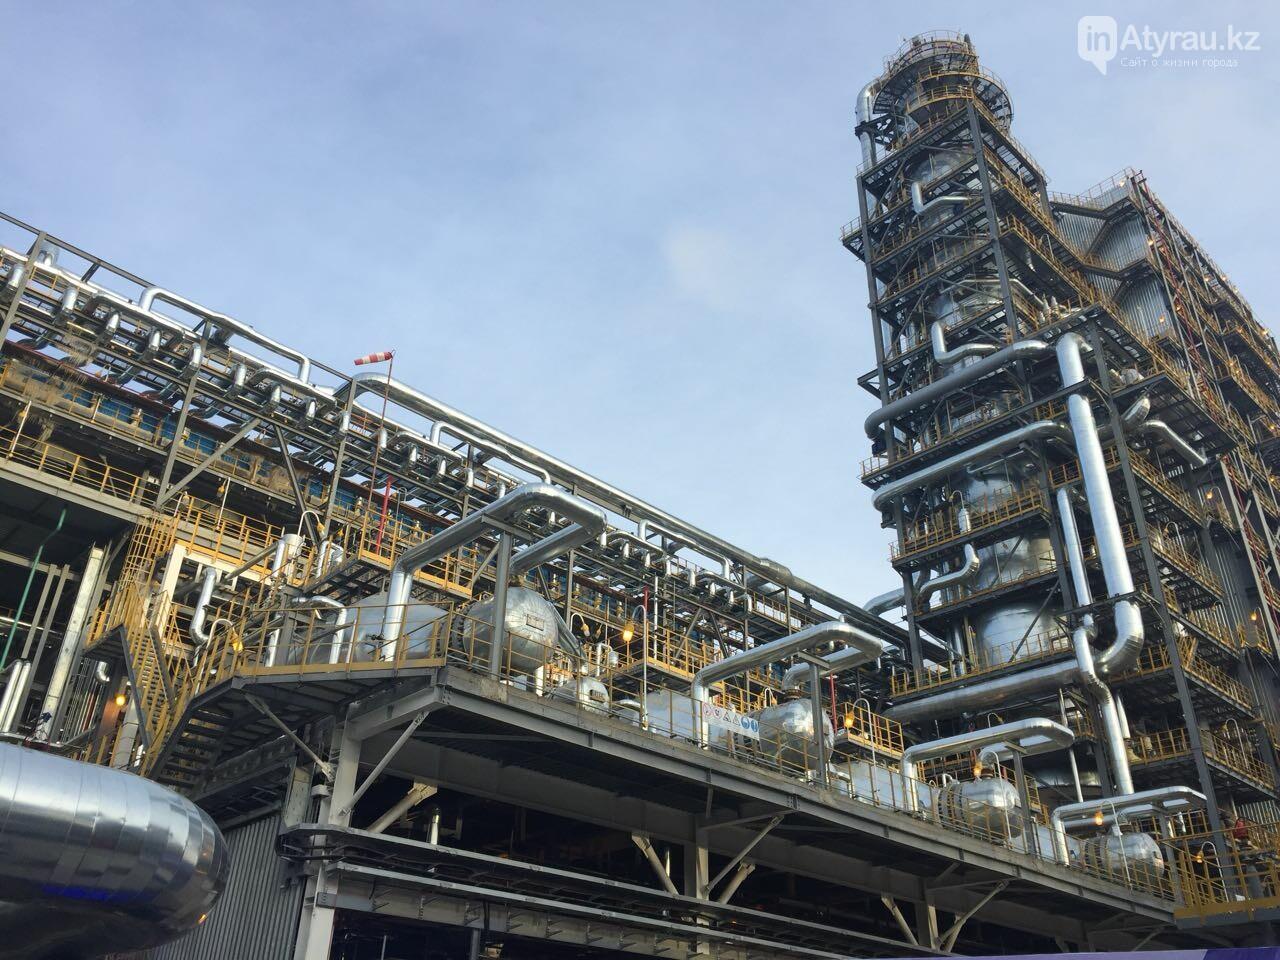 Атырау мұнай өңдеу зауыты Еуро-4 және Еуро-5 мотор майларын өндіруді ұлғайтады, фото-2